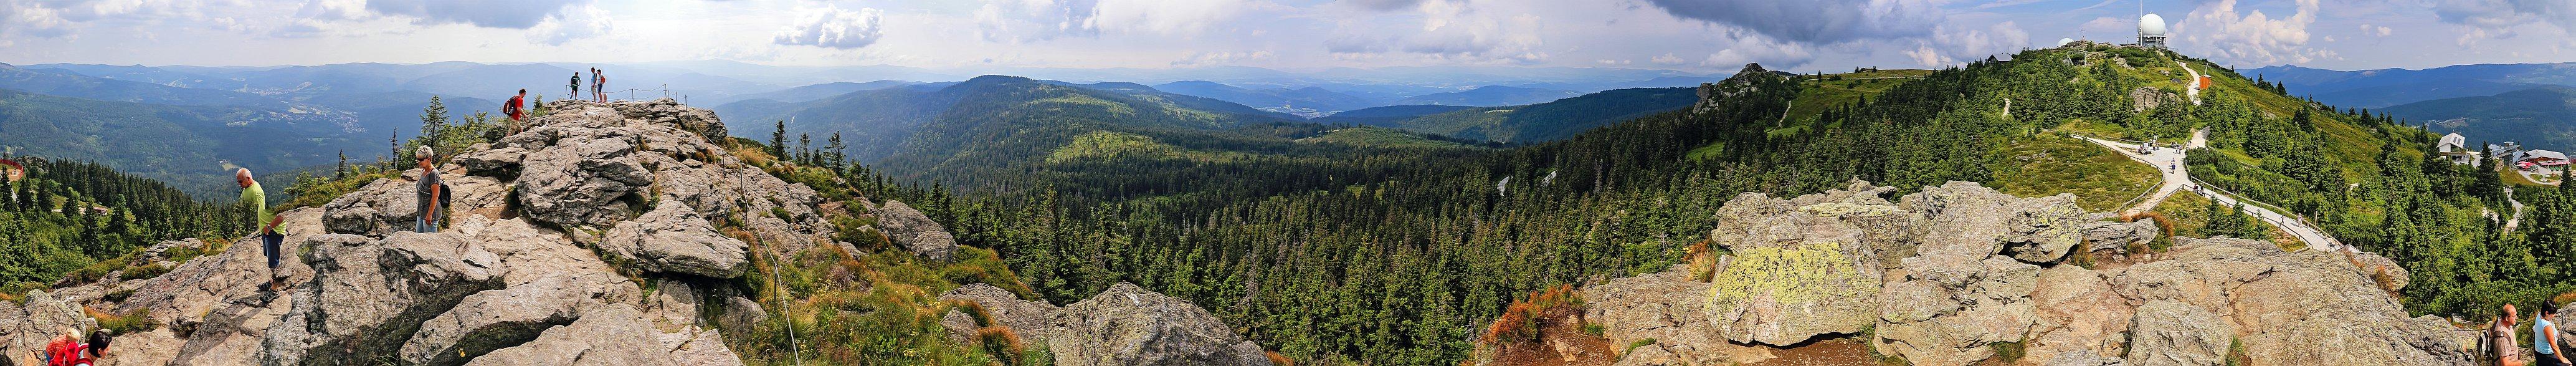 Großer Arber Panorama